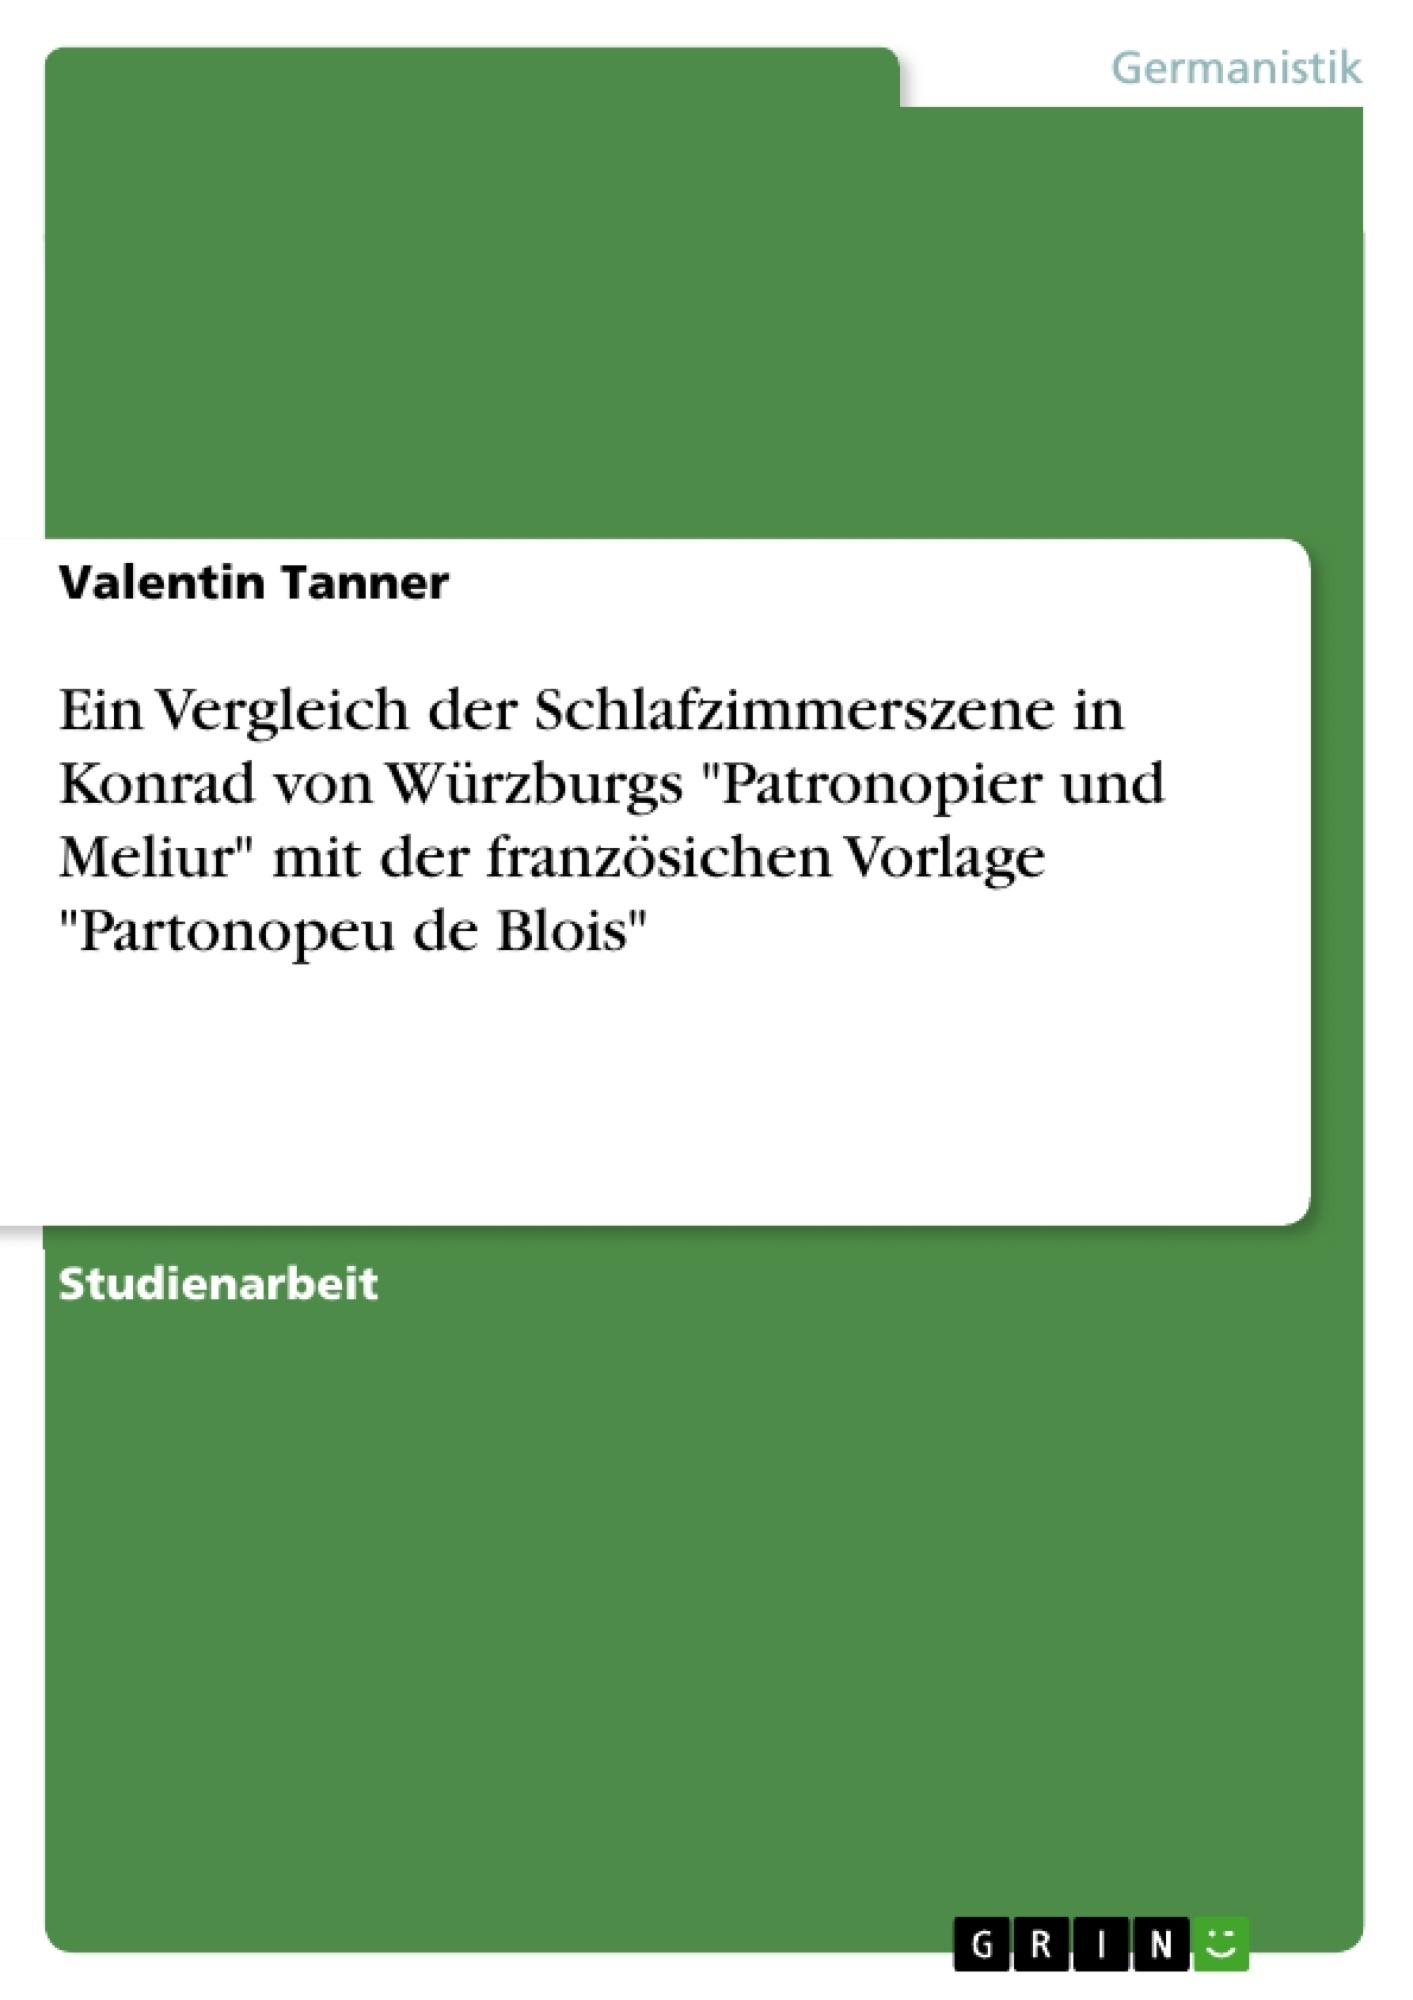 """Titel: Ein Vergleich der Schlafzimmerszene in Konrad von Würzburgs """"Patronopier und Meliur"""" mit der französichen Vorlage """"Partonopeu de Blois"""""""